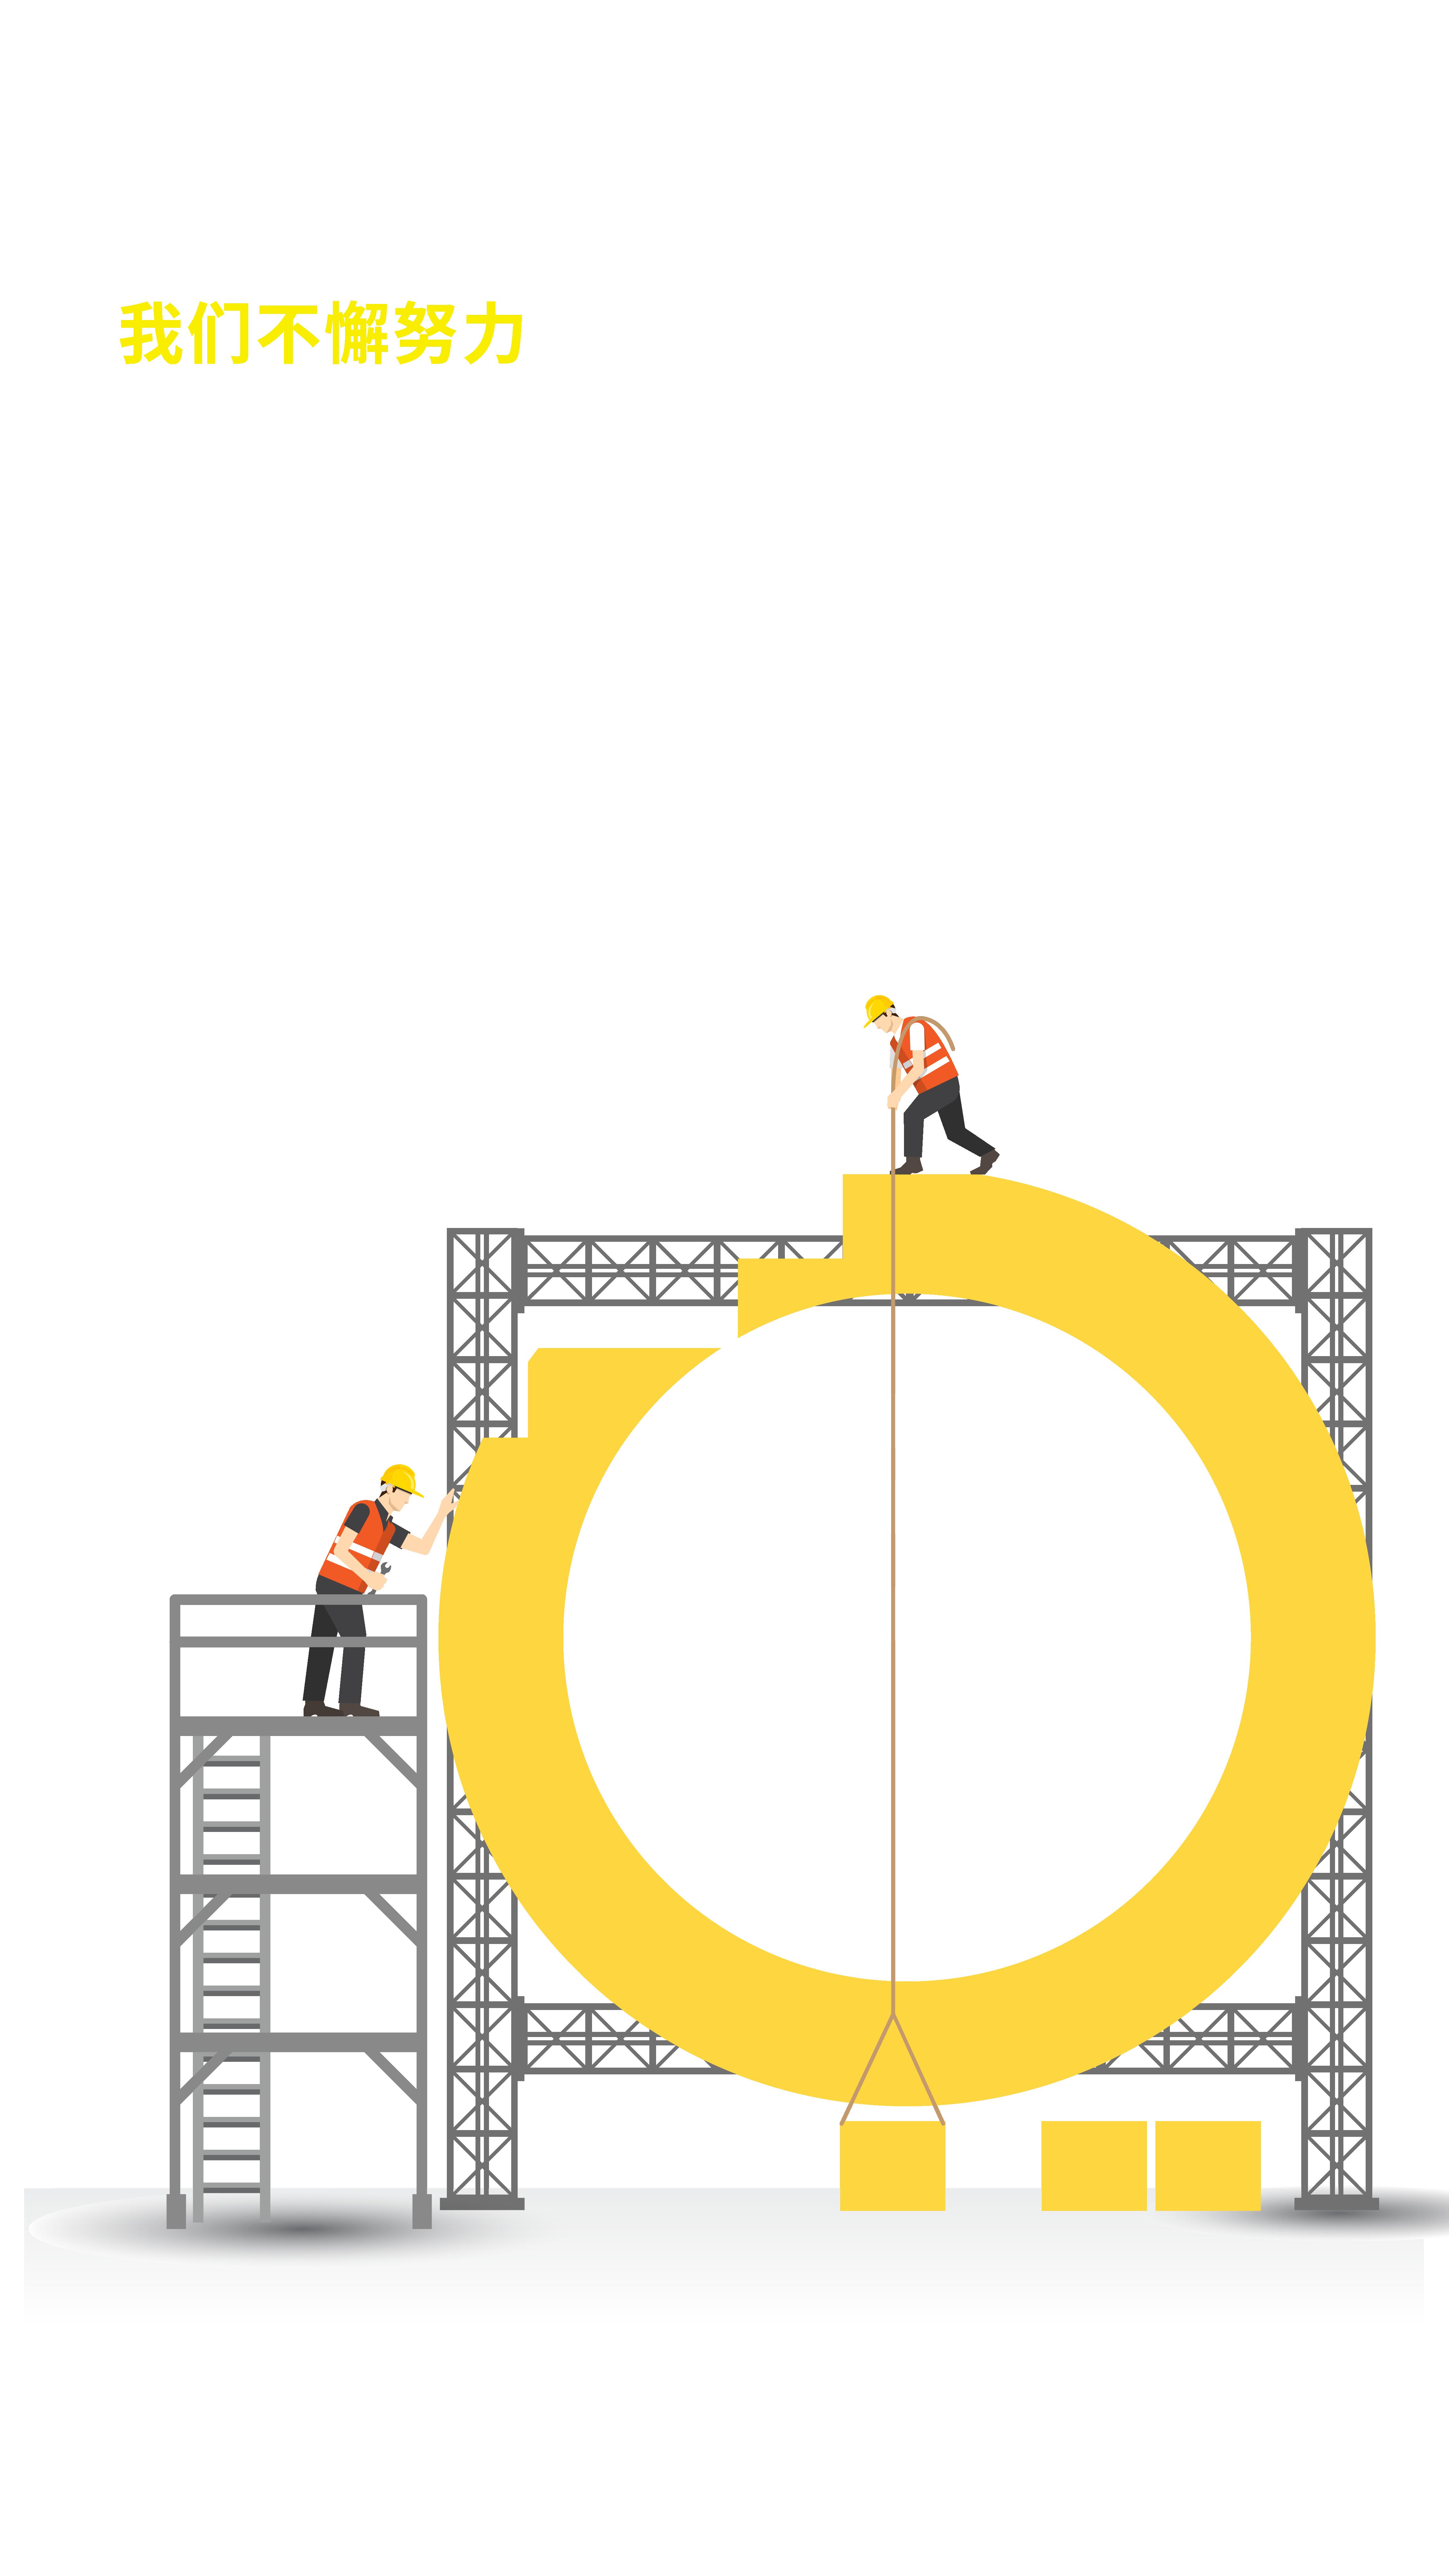 元一能源2018年度报告手机海报-03